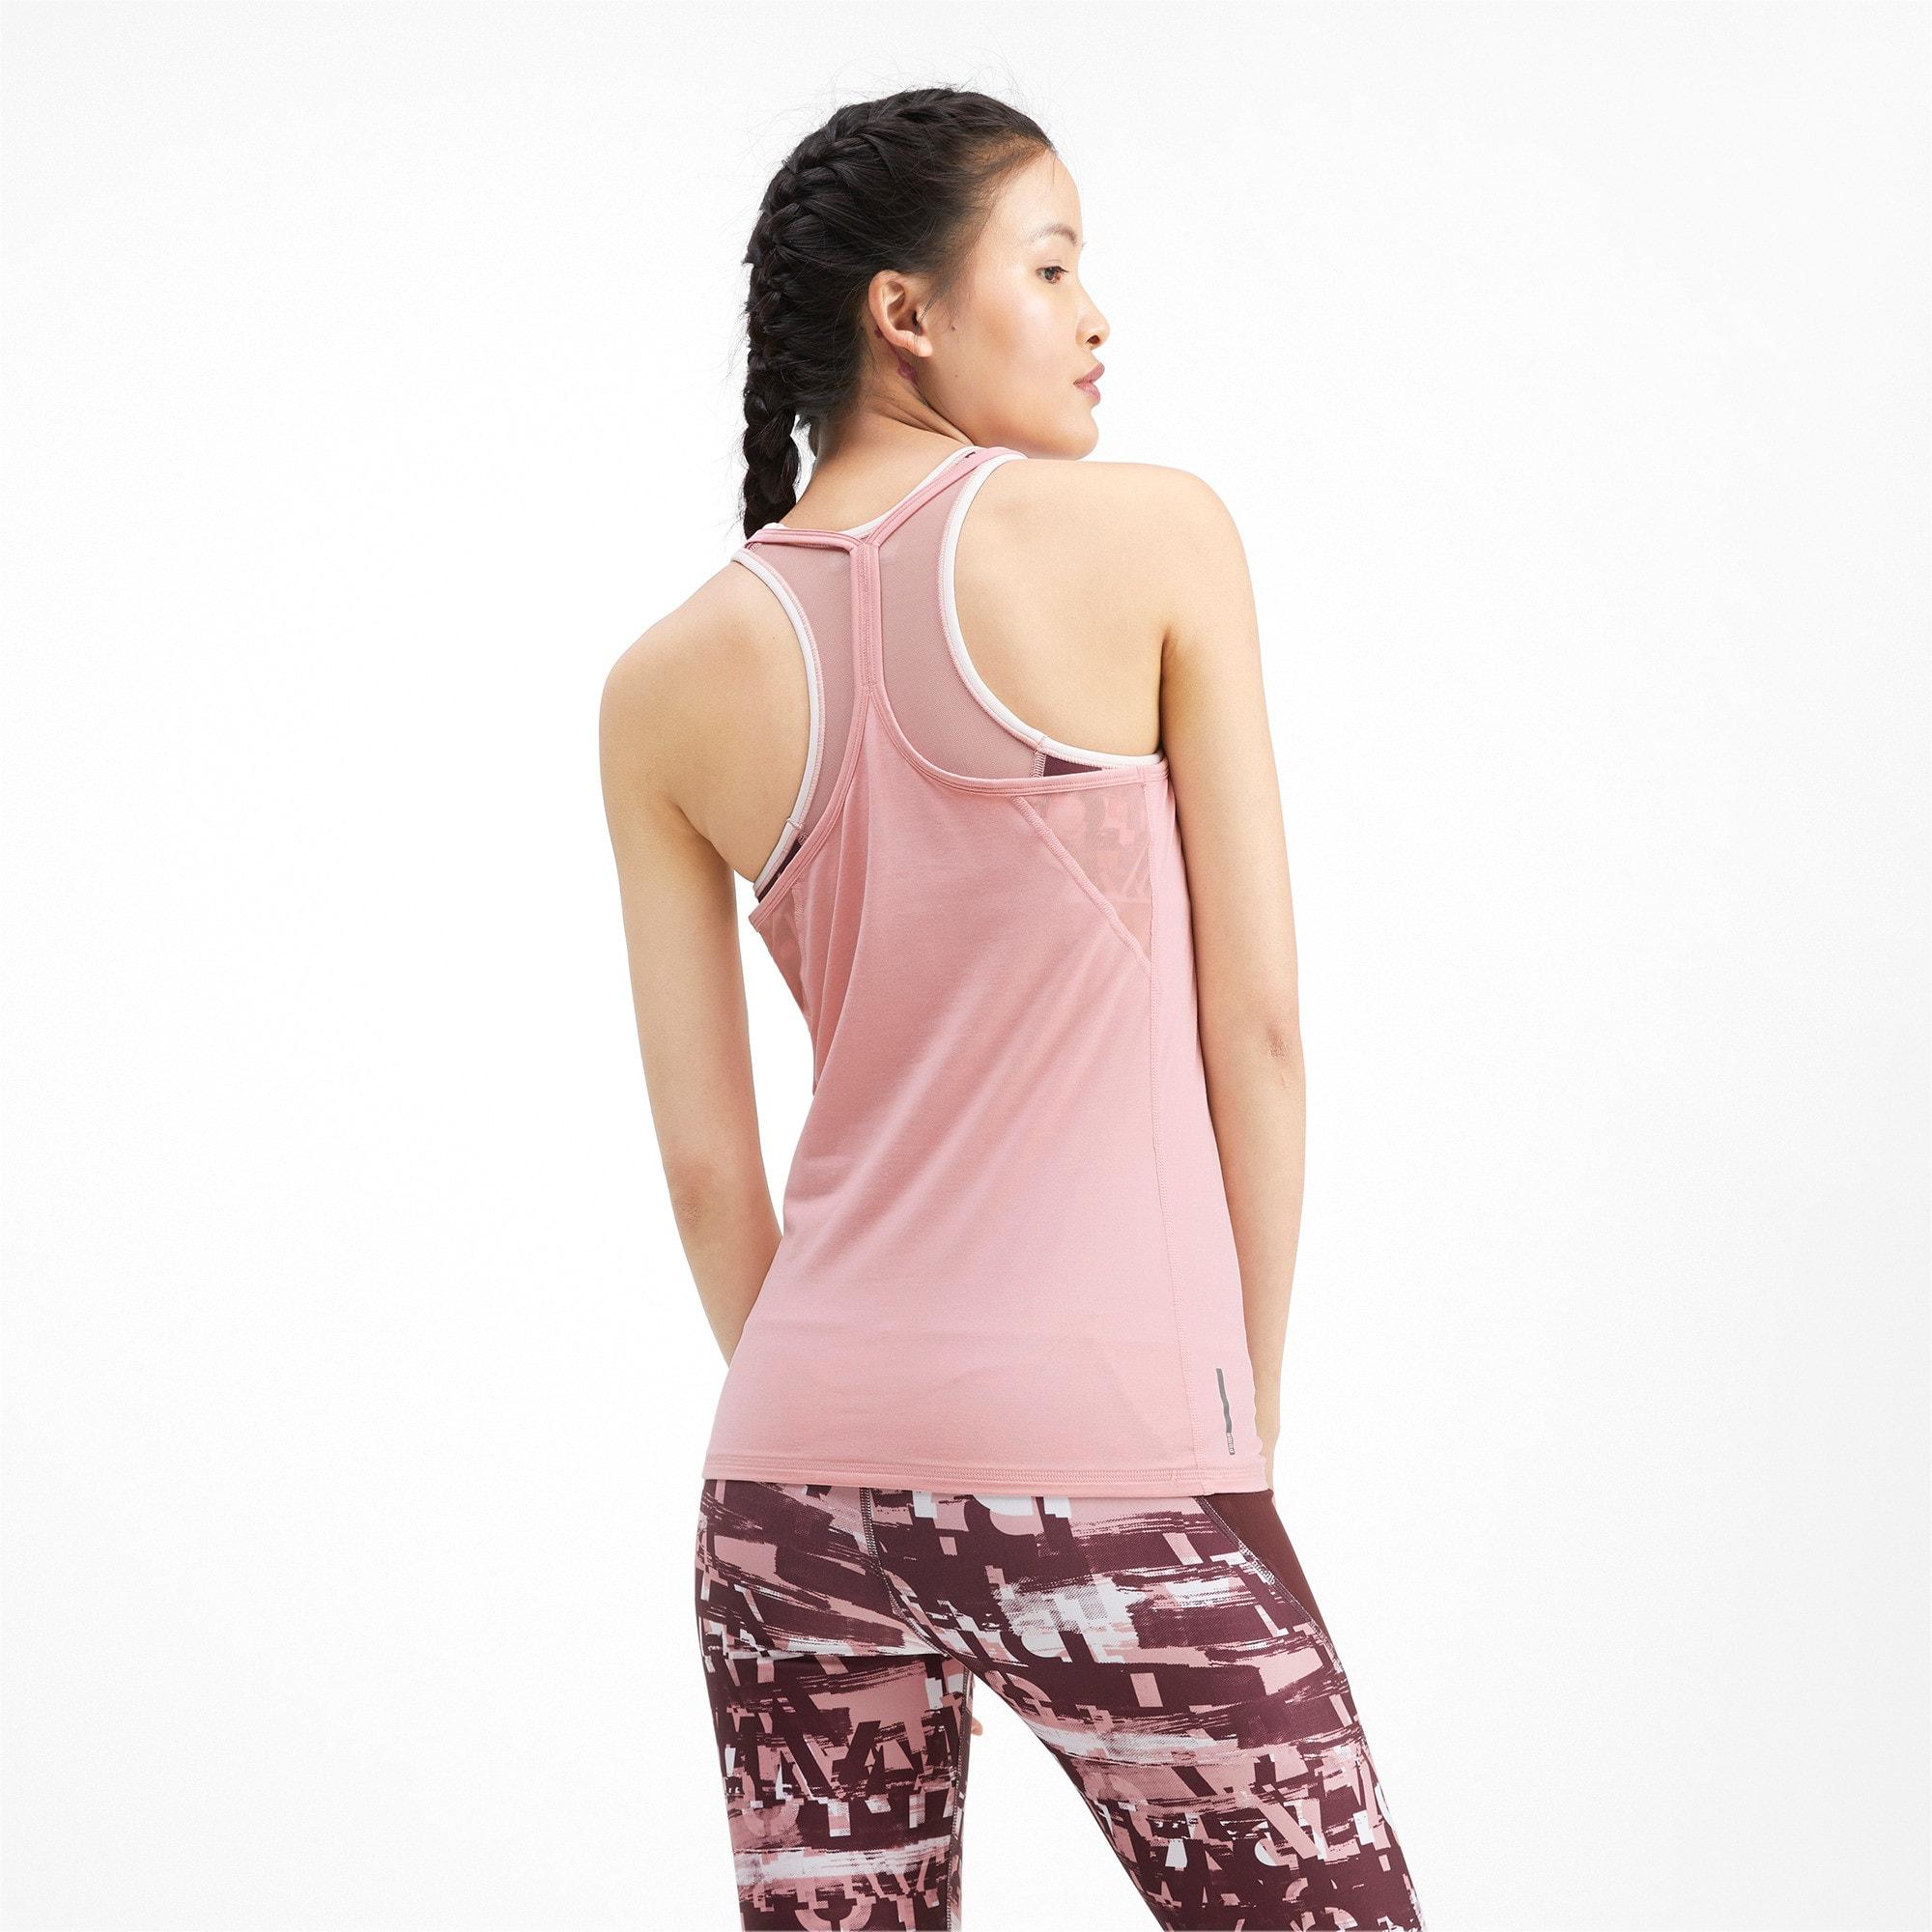 Miniatura 2 de Camiseta sin mangas Studio con espalda deportiva para mujer, Bridal Rose Heather, mediano